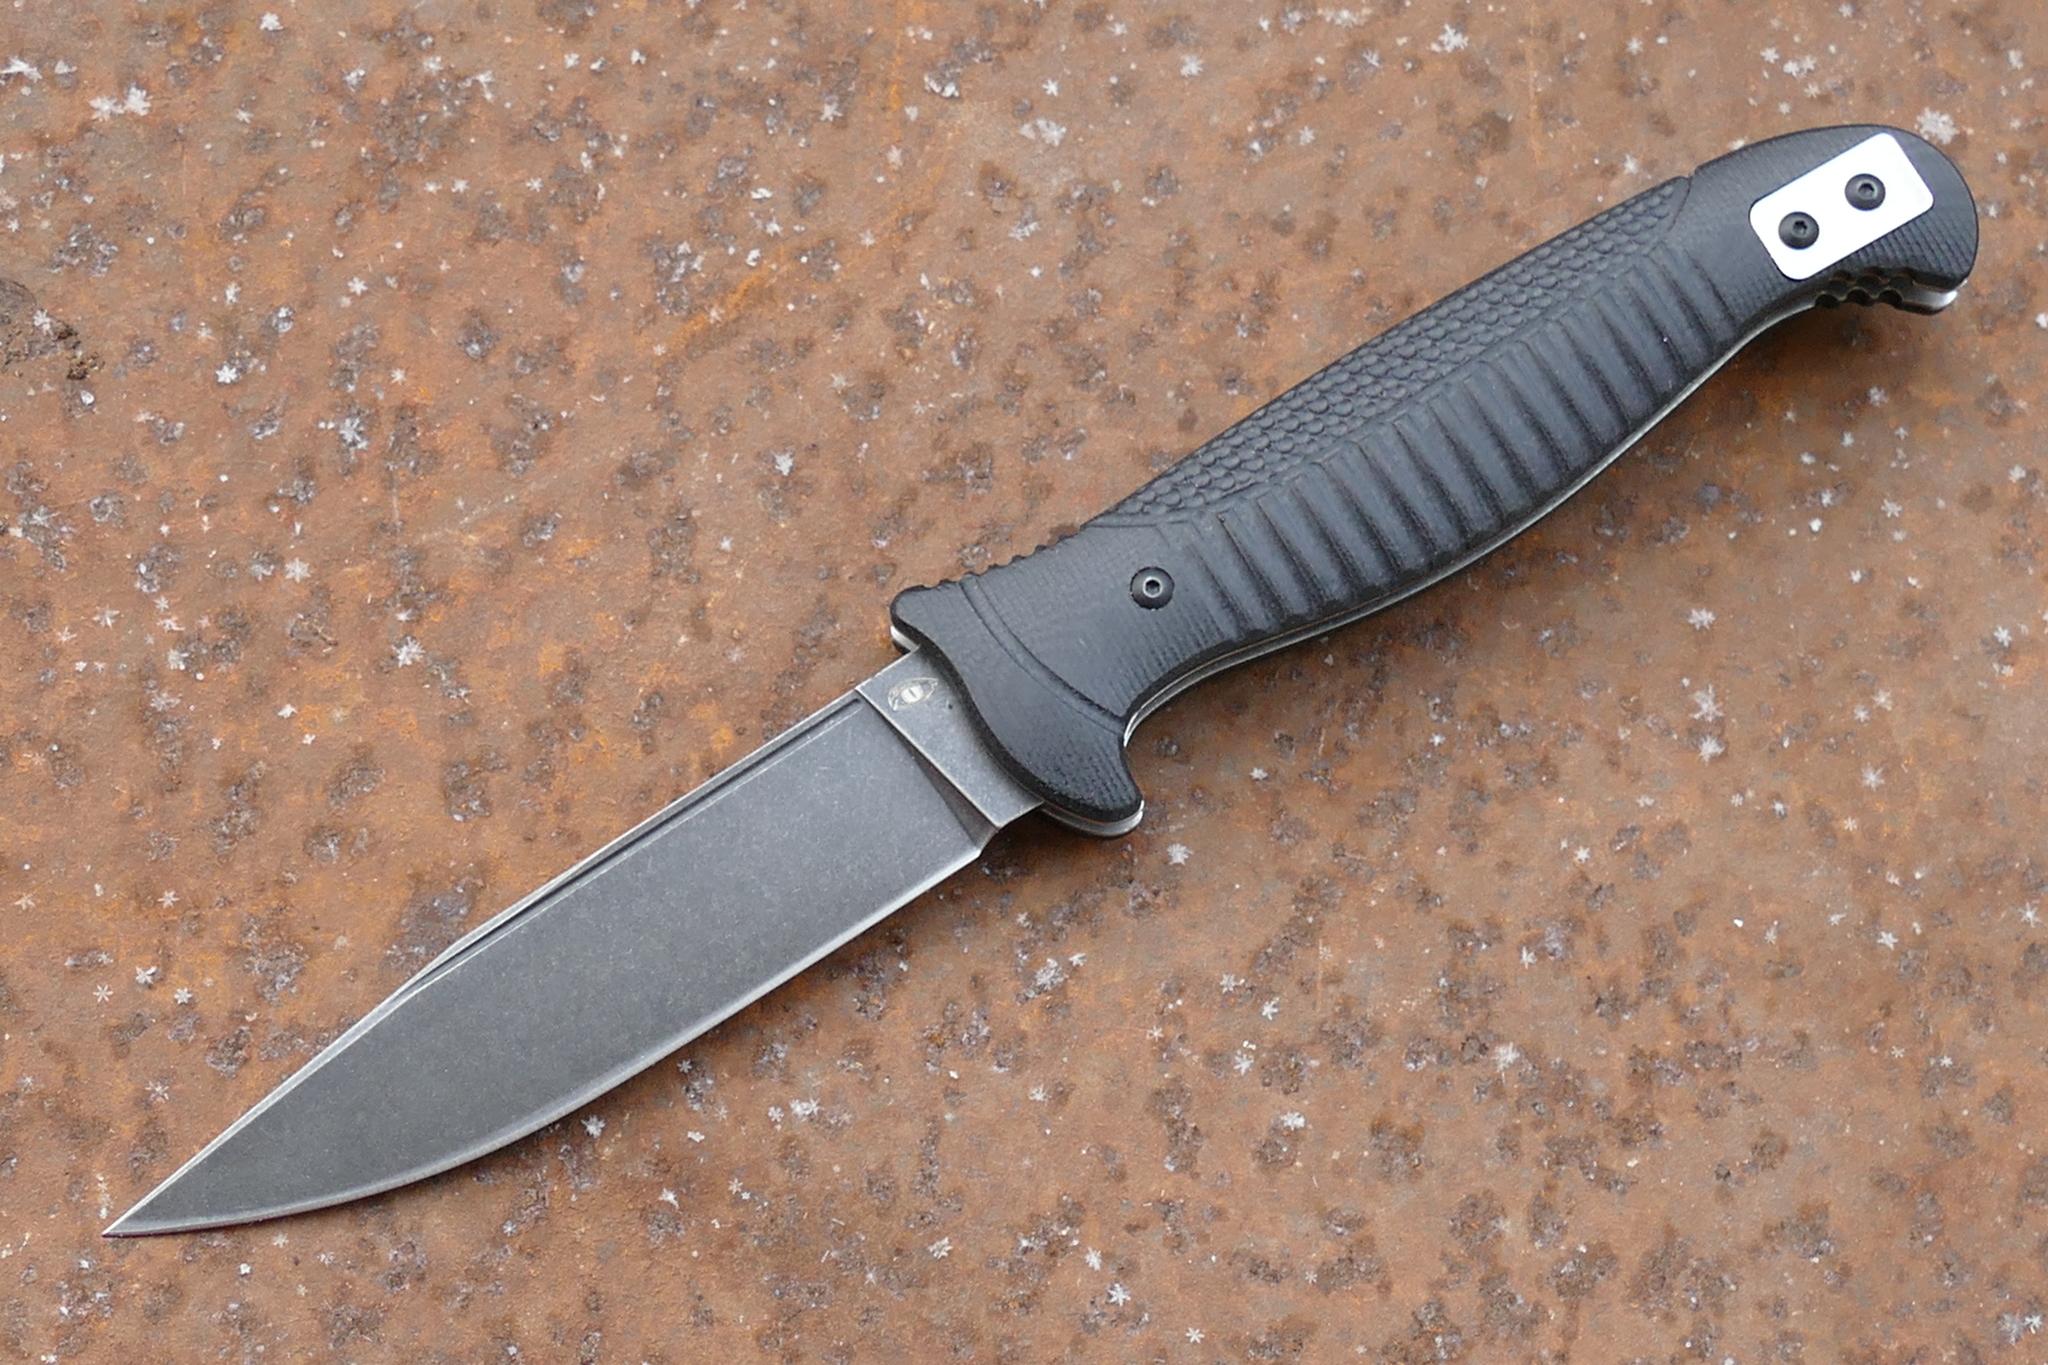 Фото 19 - Складной нож Финка 2 от Reptilian